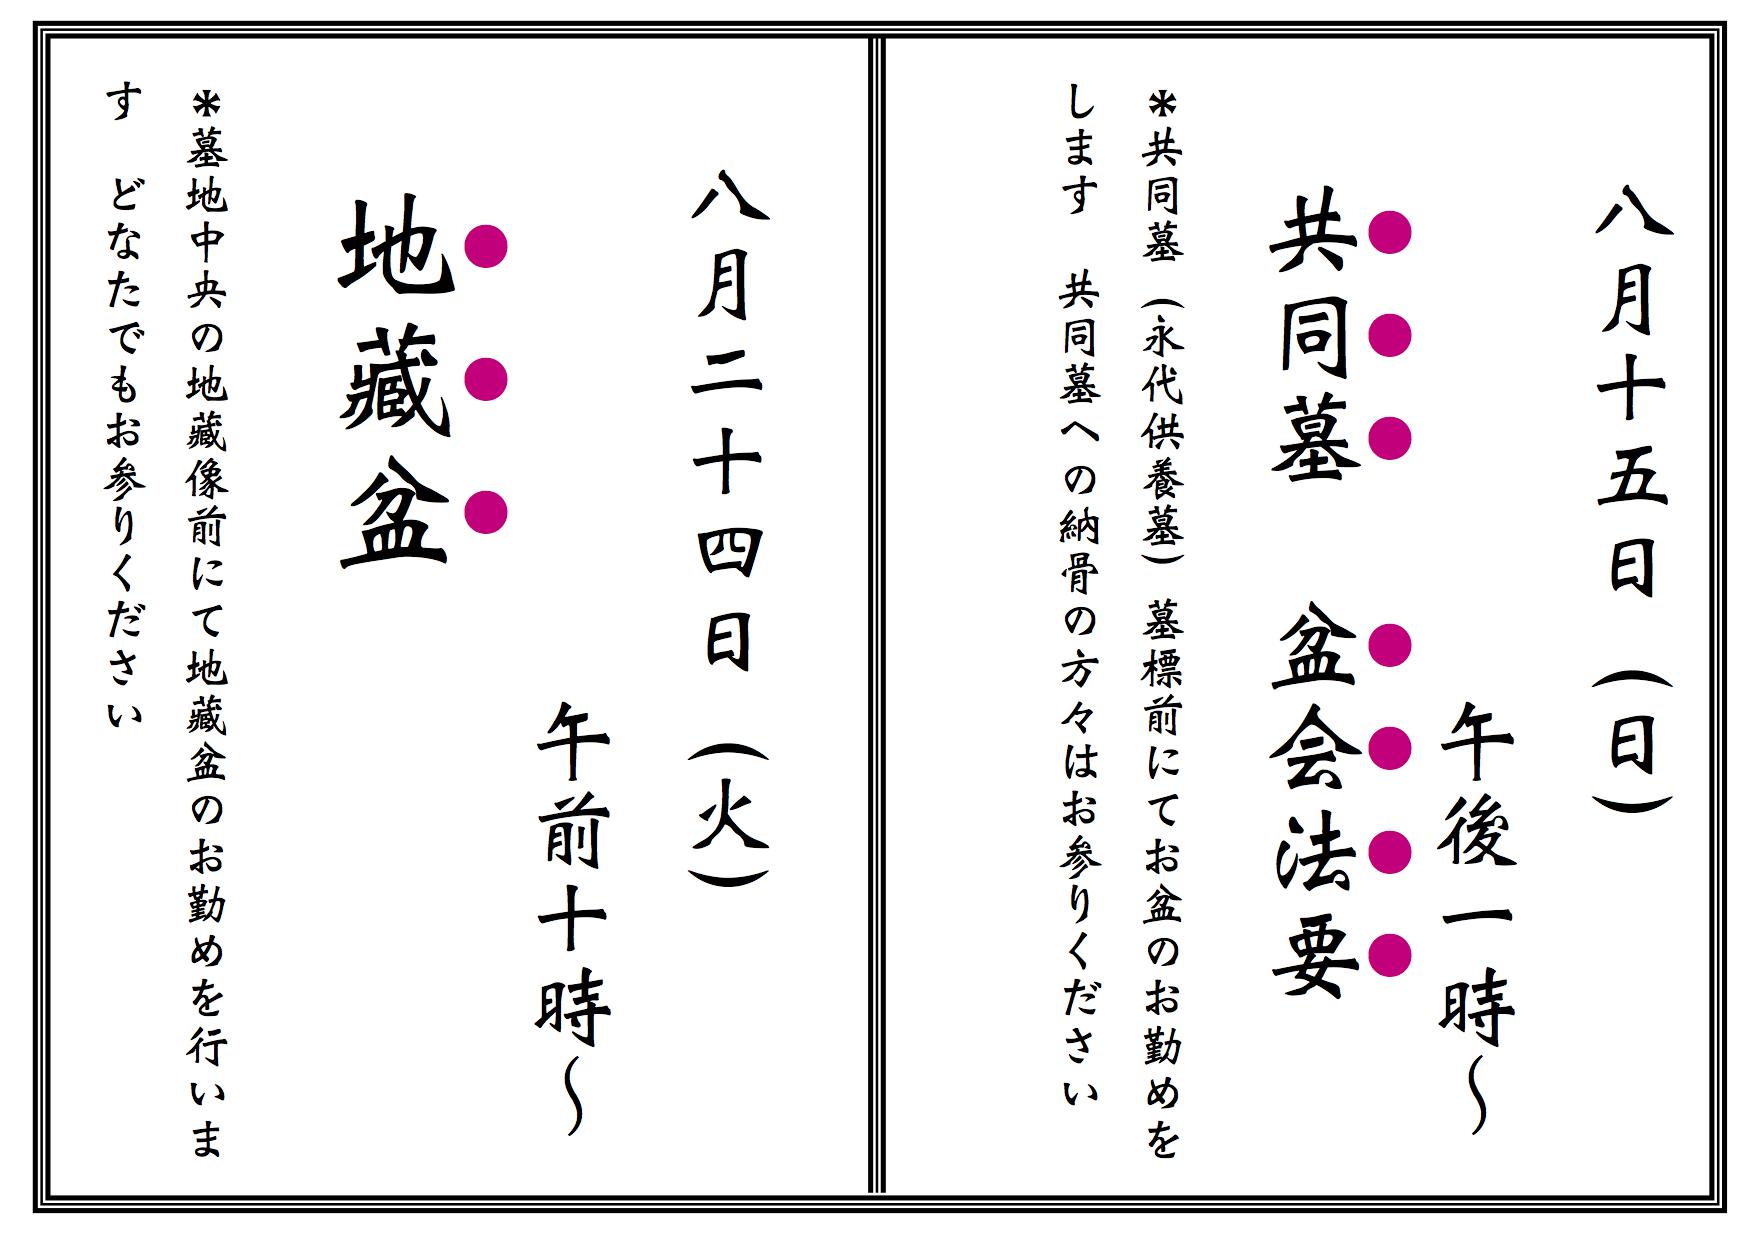 kyodobo_jizobon2.png